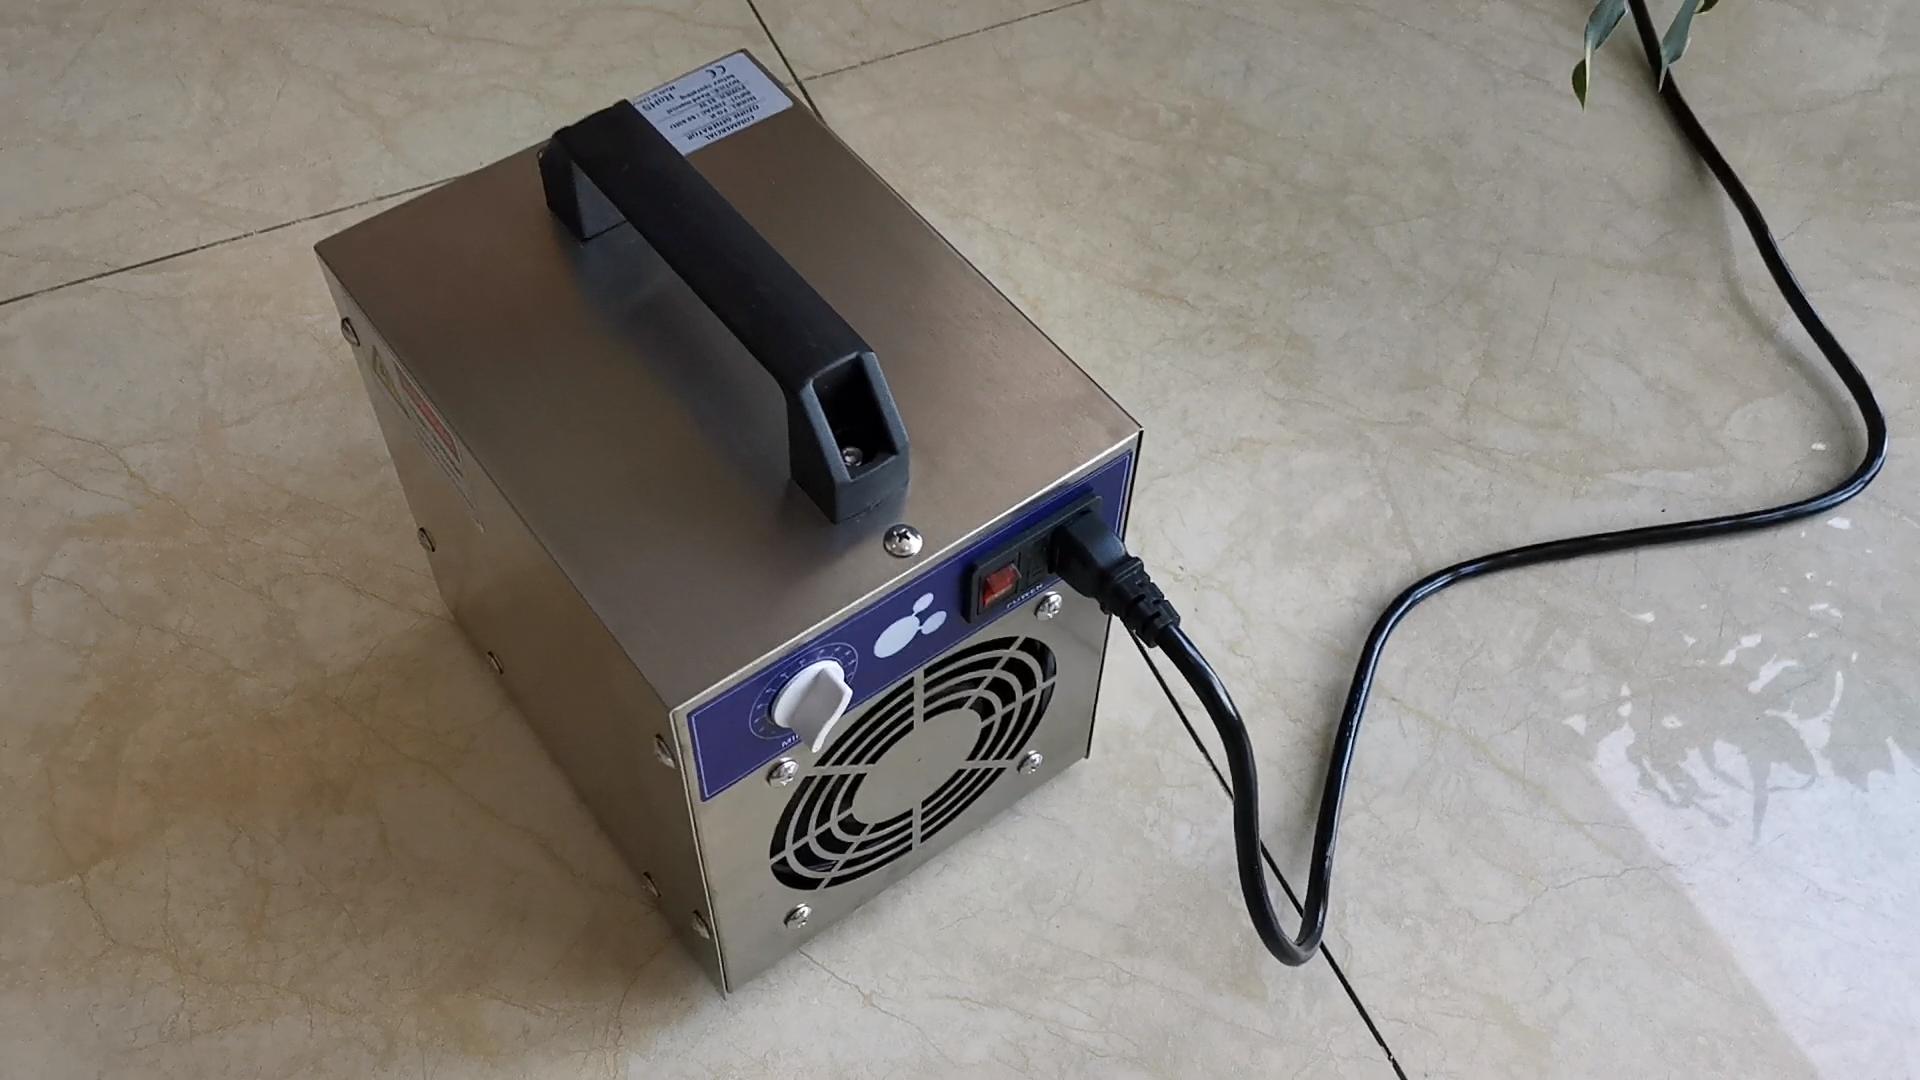 5G 10G 20G 30G पोर्टेबल ओजोन जनरेटर के साथ 120 मिनट समय स्विच Generadores डे Ozono मिट्टी के हवा क्लीनर के लिए कार